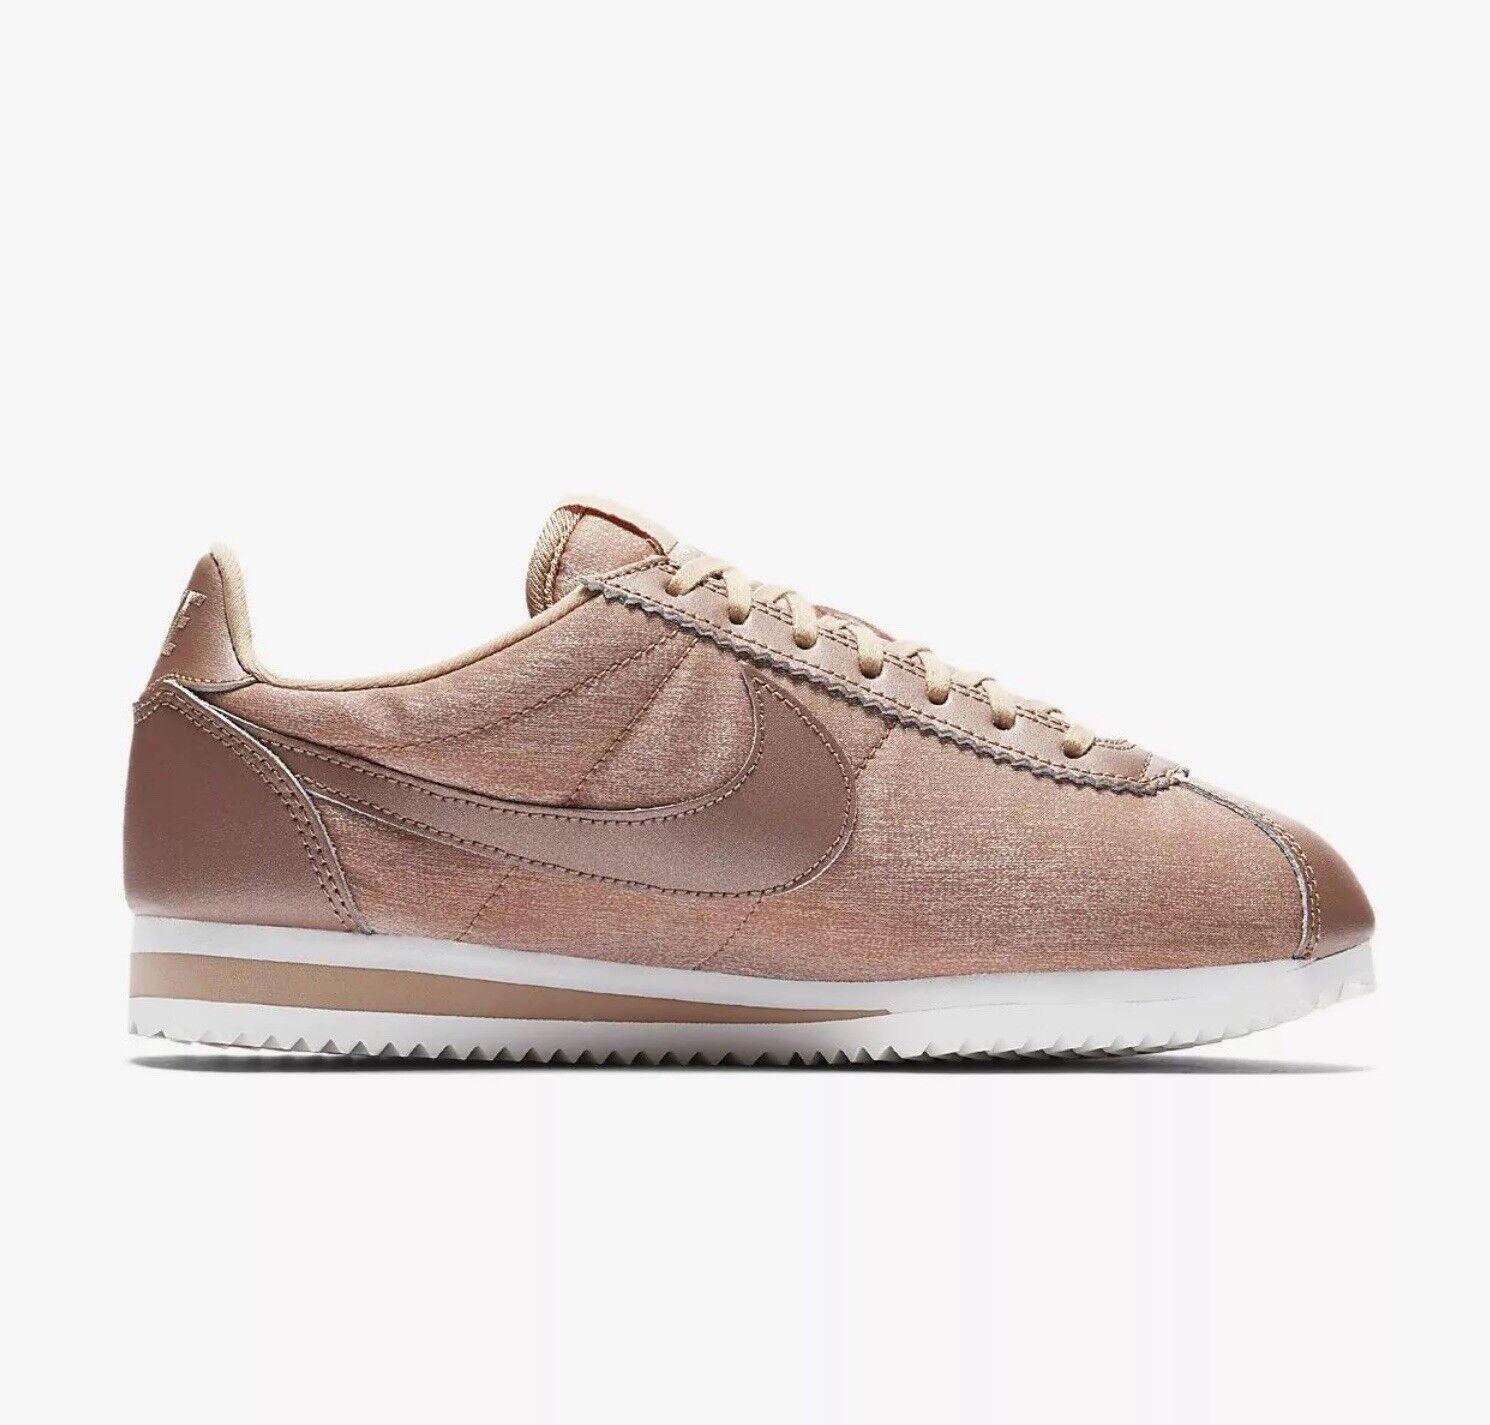 Wmns Nike gardant Cortez Prem - 905614 903